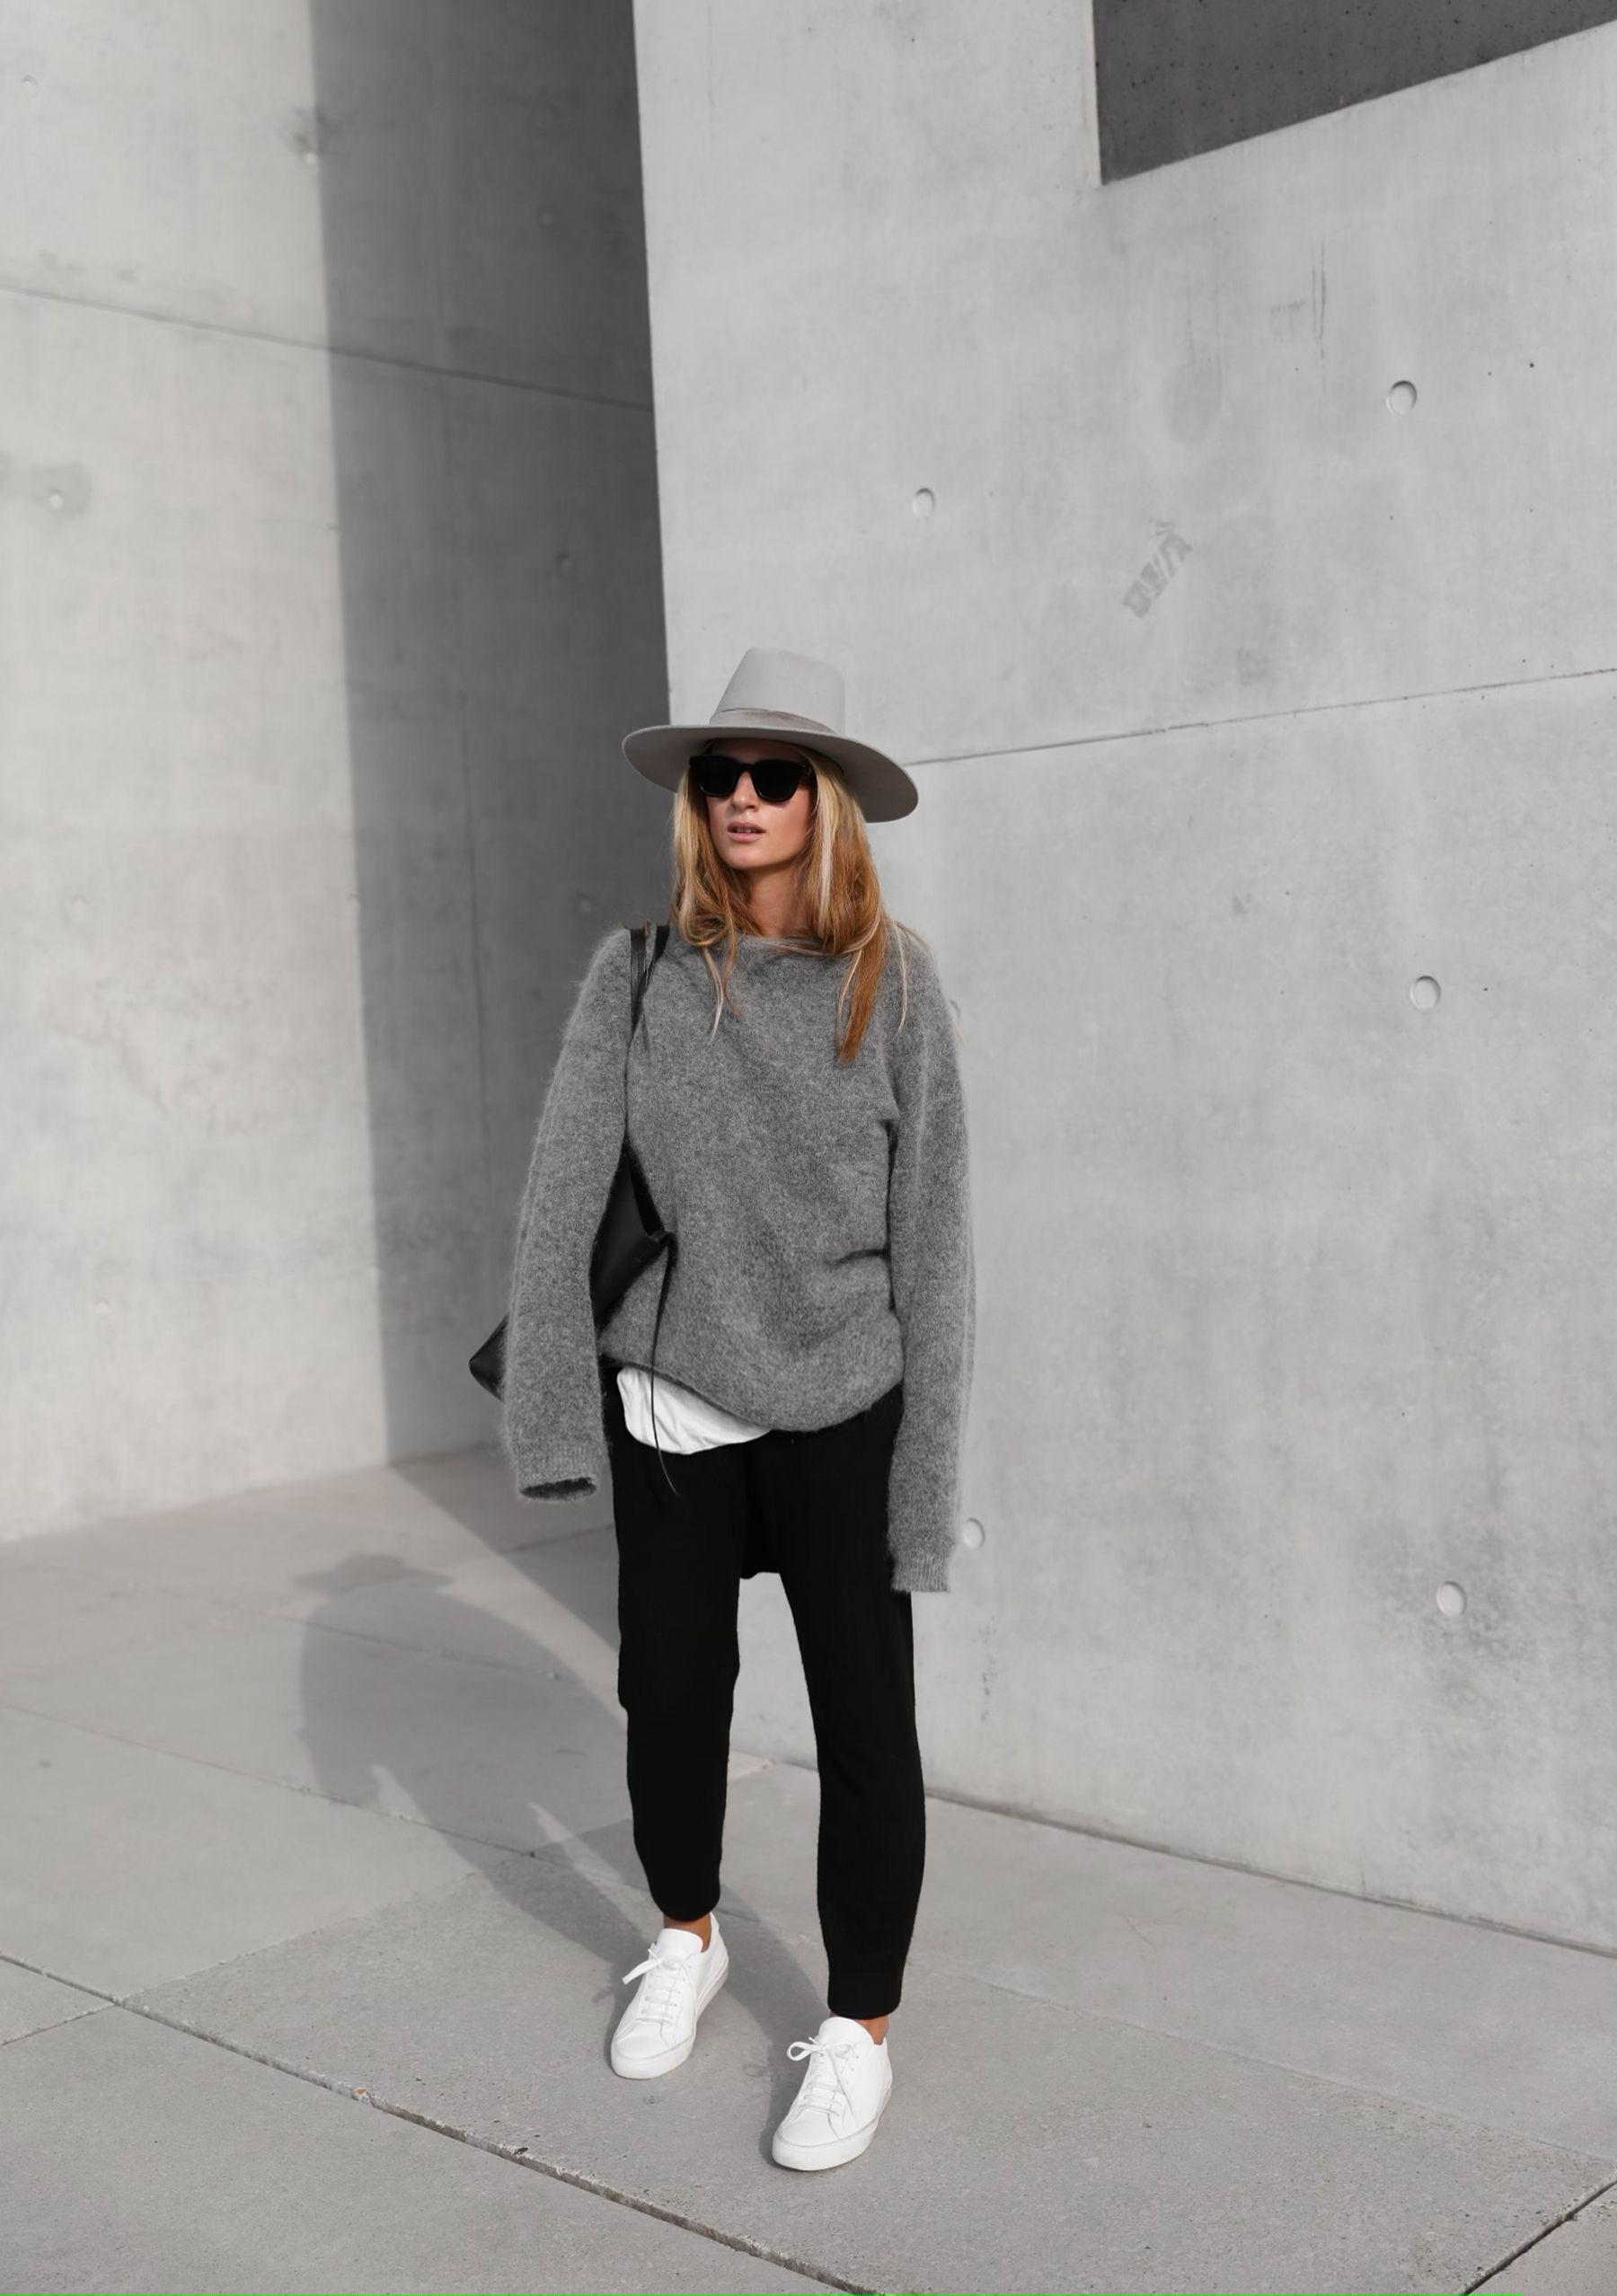 Borsa e occhiali da sole Céline, maglia Acne Studios, cappello Janessa Leone. Via Mija